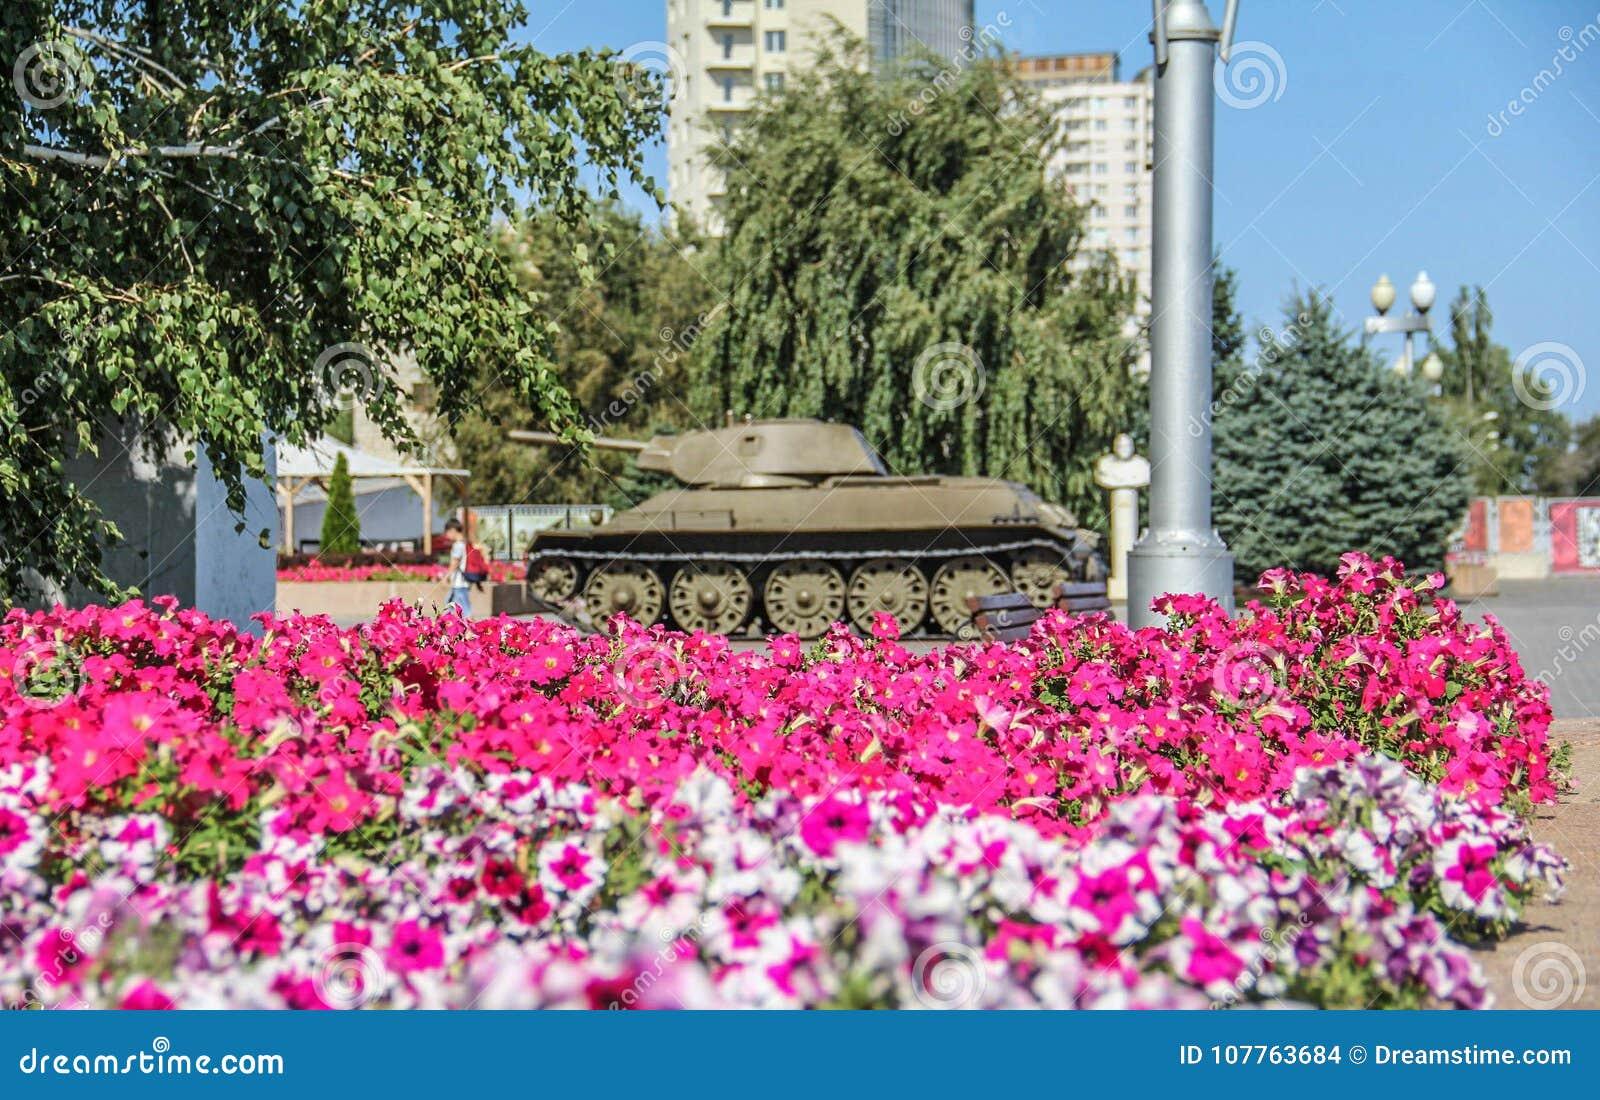 Zbiornik i kwiaty